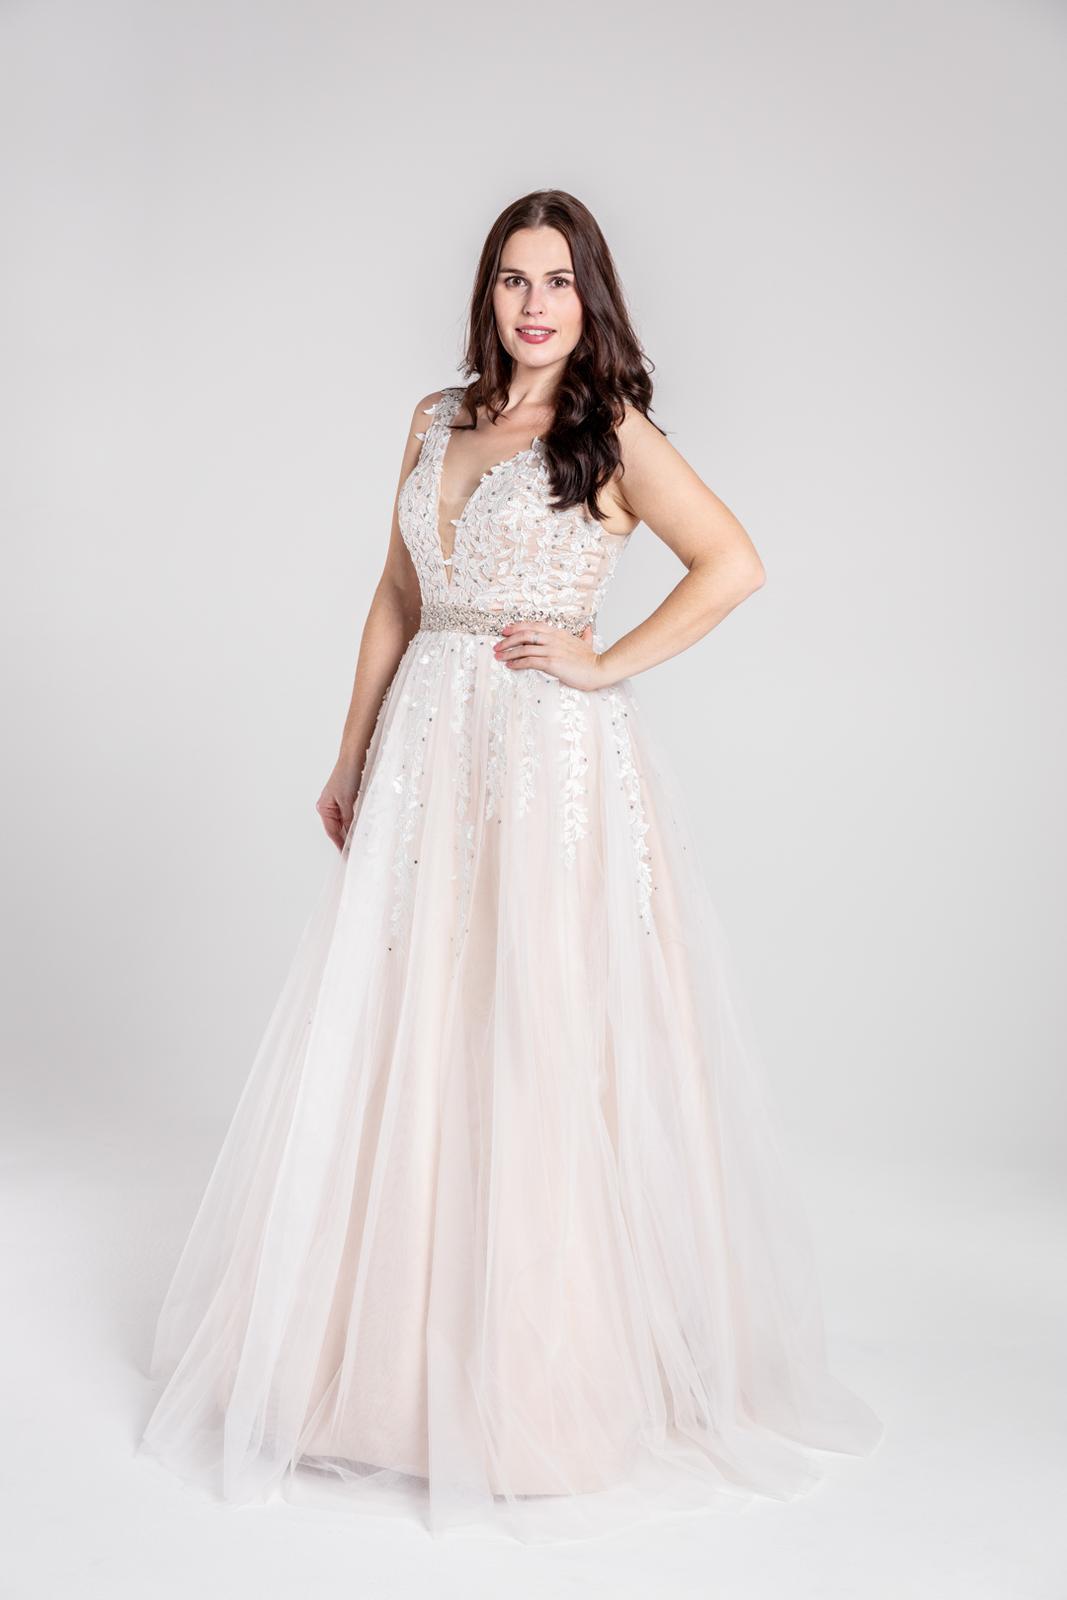 Svatební šaty v boho stylu 42-44 - Obrázek č. 2